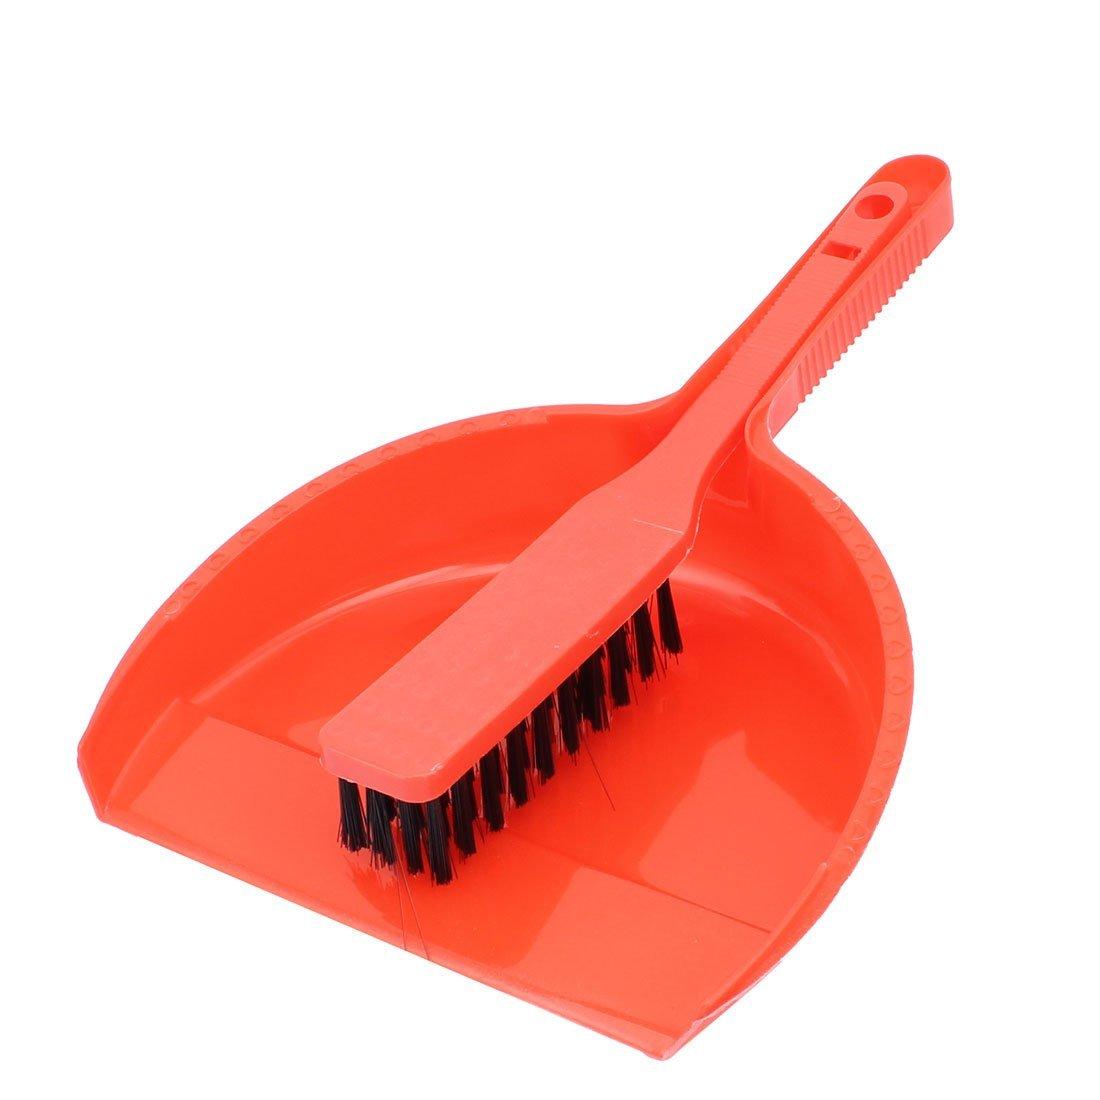 Amazon.com: DealMux plástico Início Canto Gap Varrendo Mini ferramenta de limpeza Broom Dustpan Set: Health & Personal Care